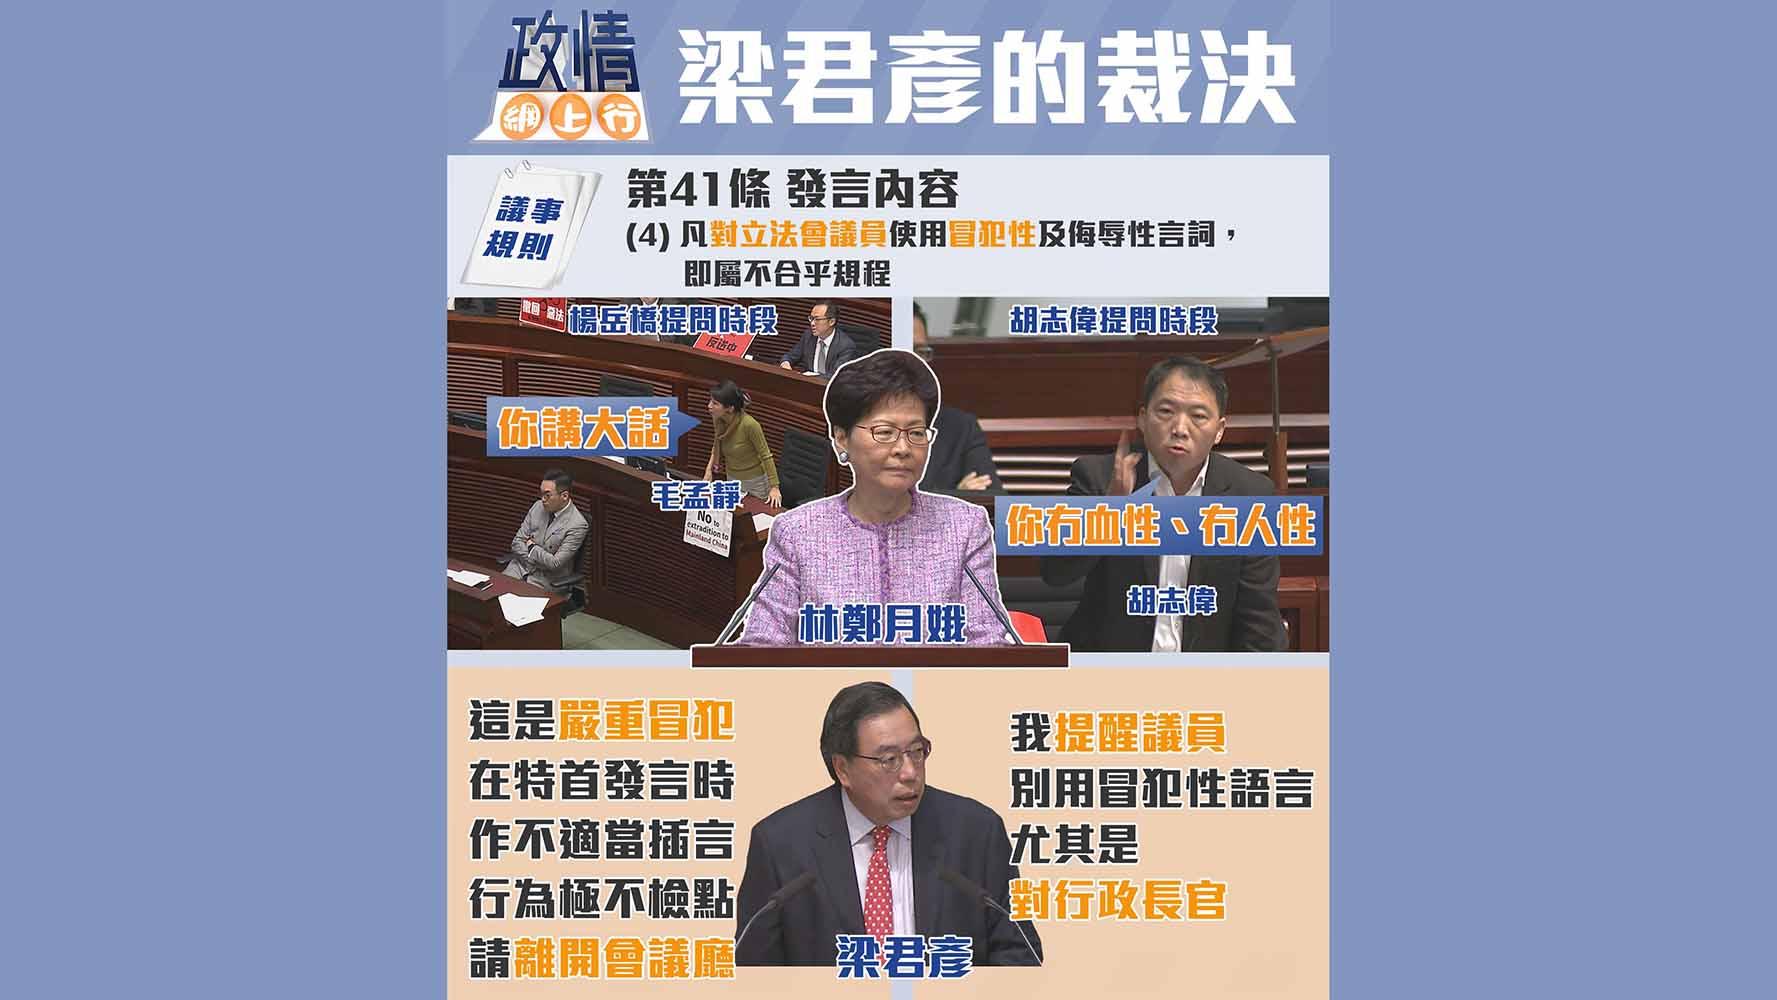 【政情網上行】梁君彥的裁決